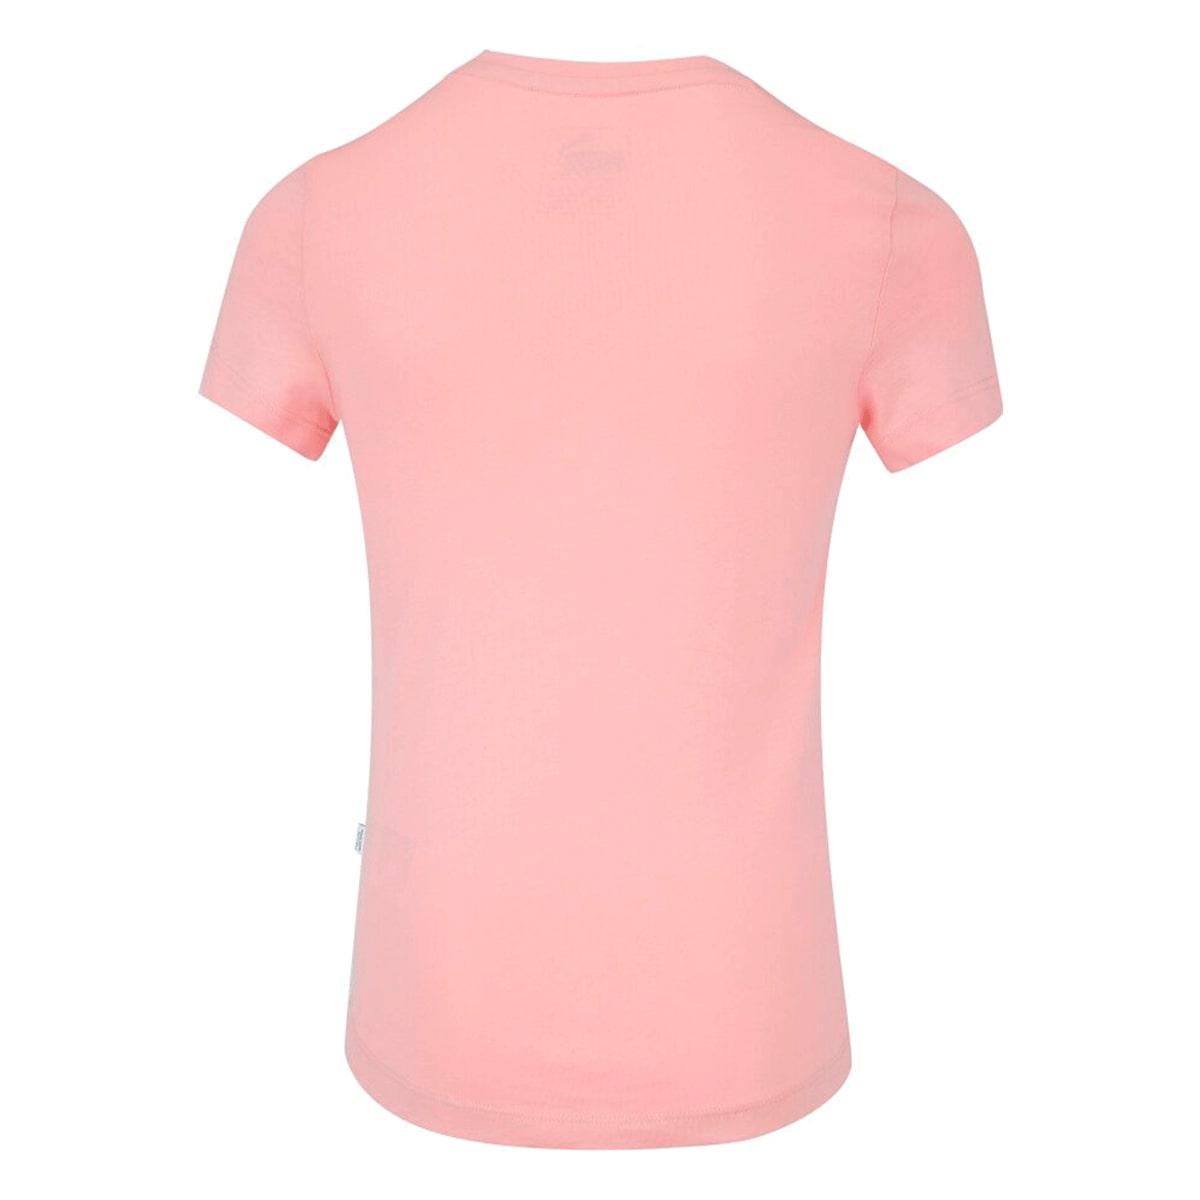 Camiseta Puma Essentials Tee Feminina Infantil Rosa